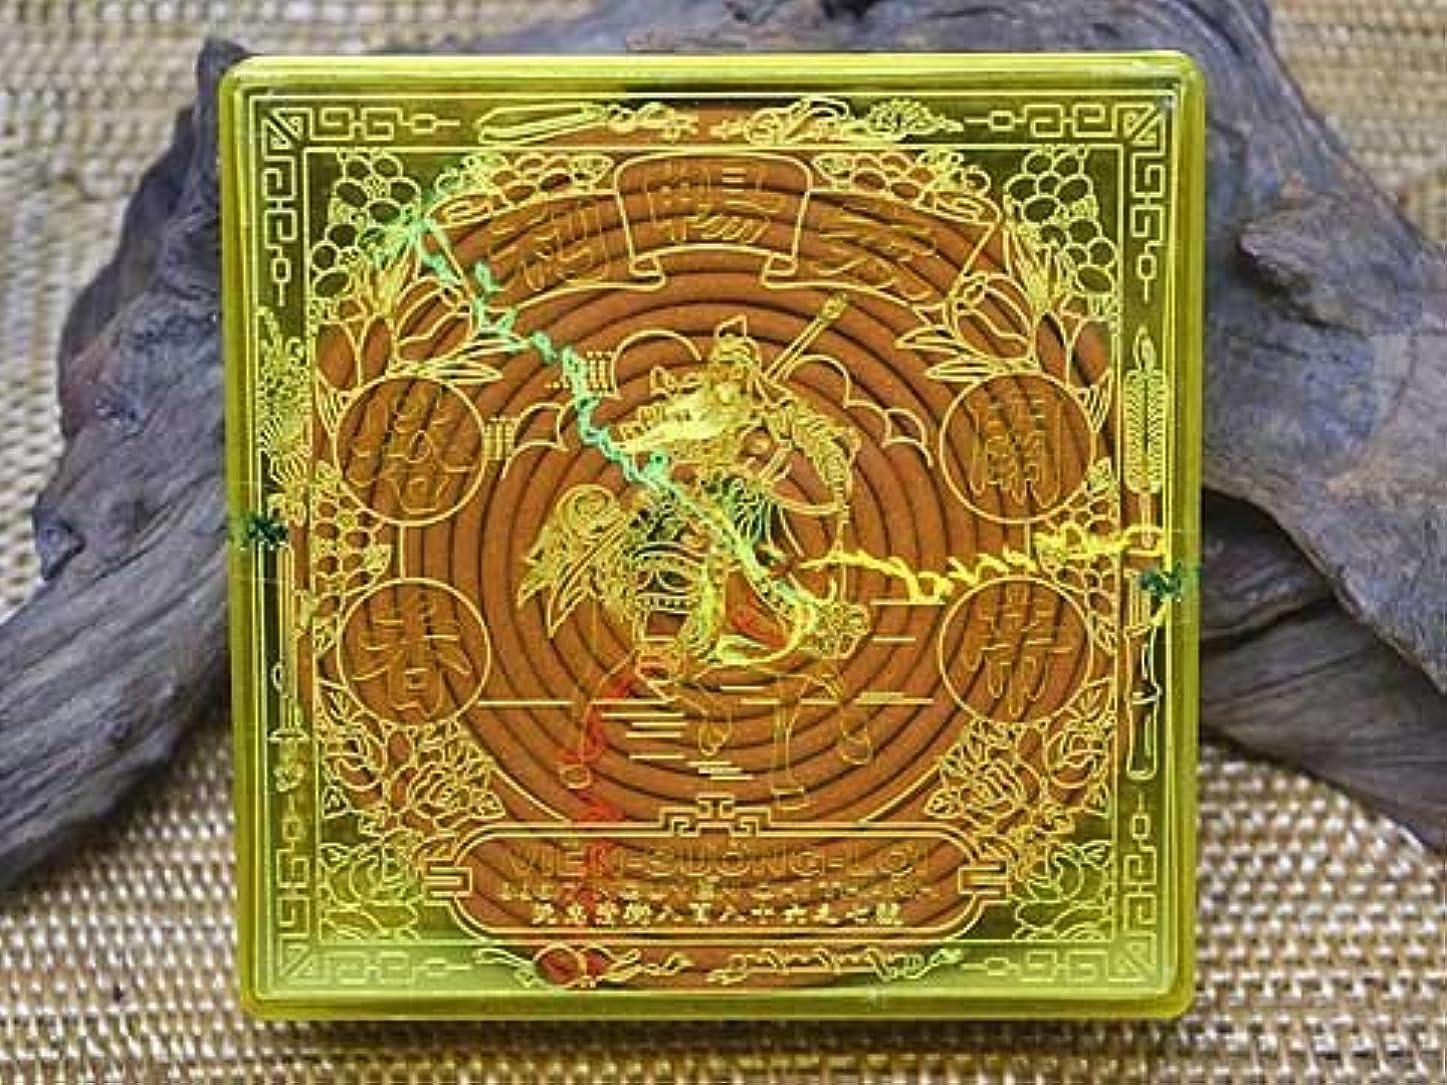 外観週間庭園Vietnam Incense ベトナムのお香【特等貢檀香 関聖帝君 渦巻き檀香】